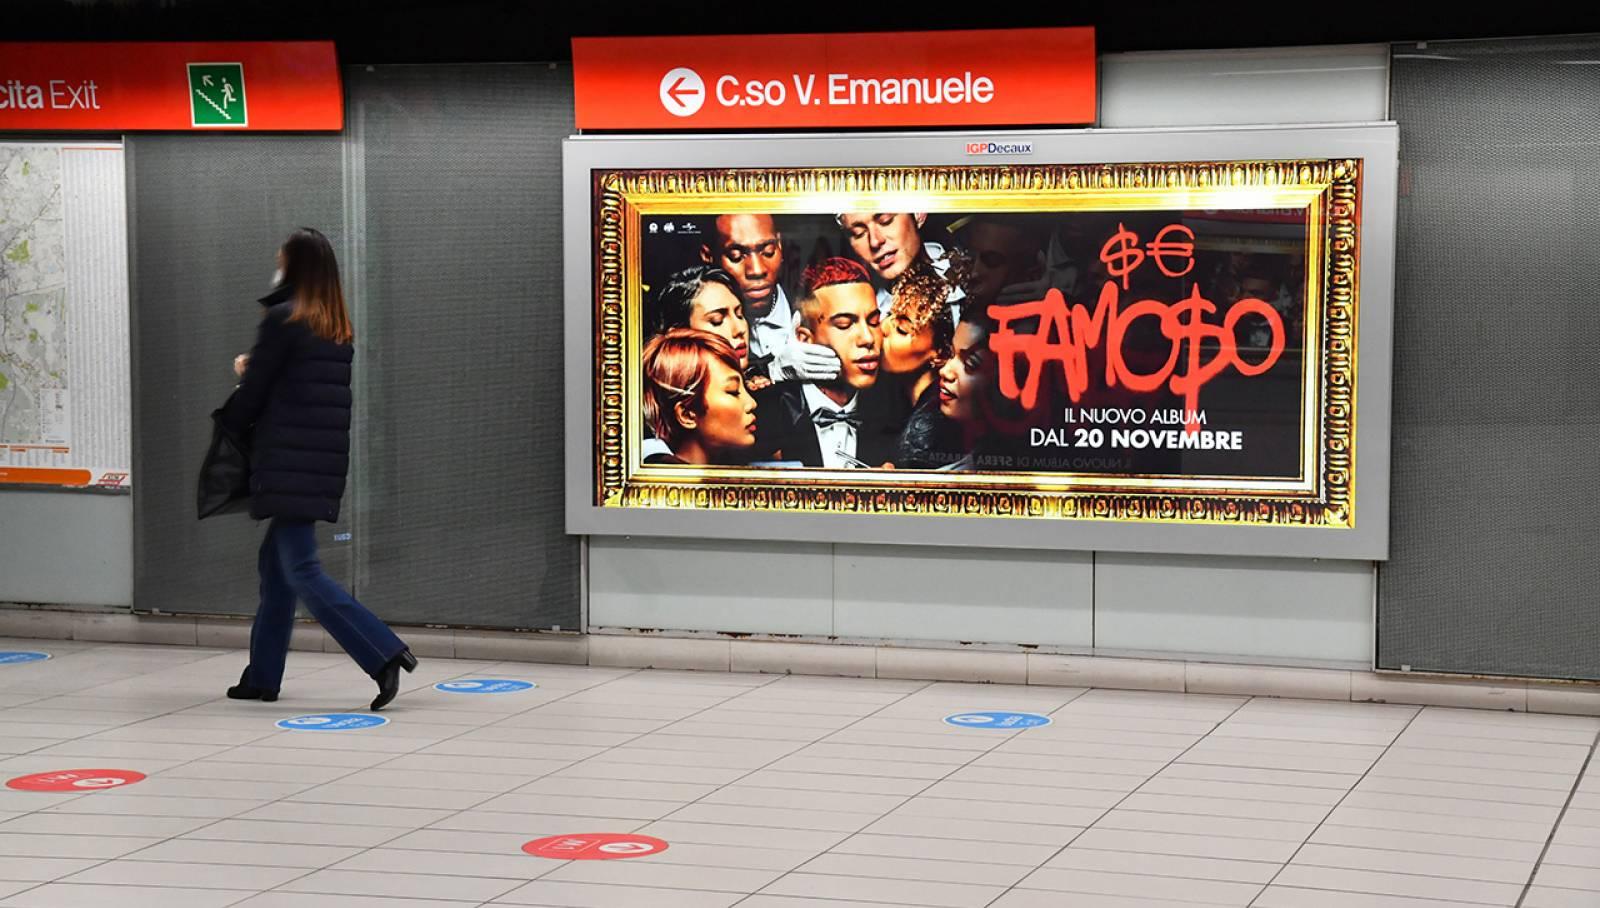 Pubblicità in metropolitana IGPDecaux a Milano Station Domination per Sfera Ebbasta